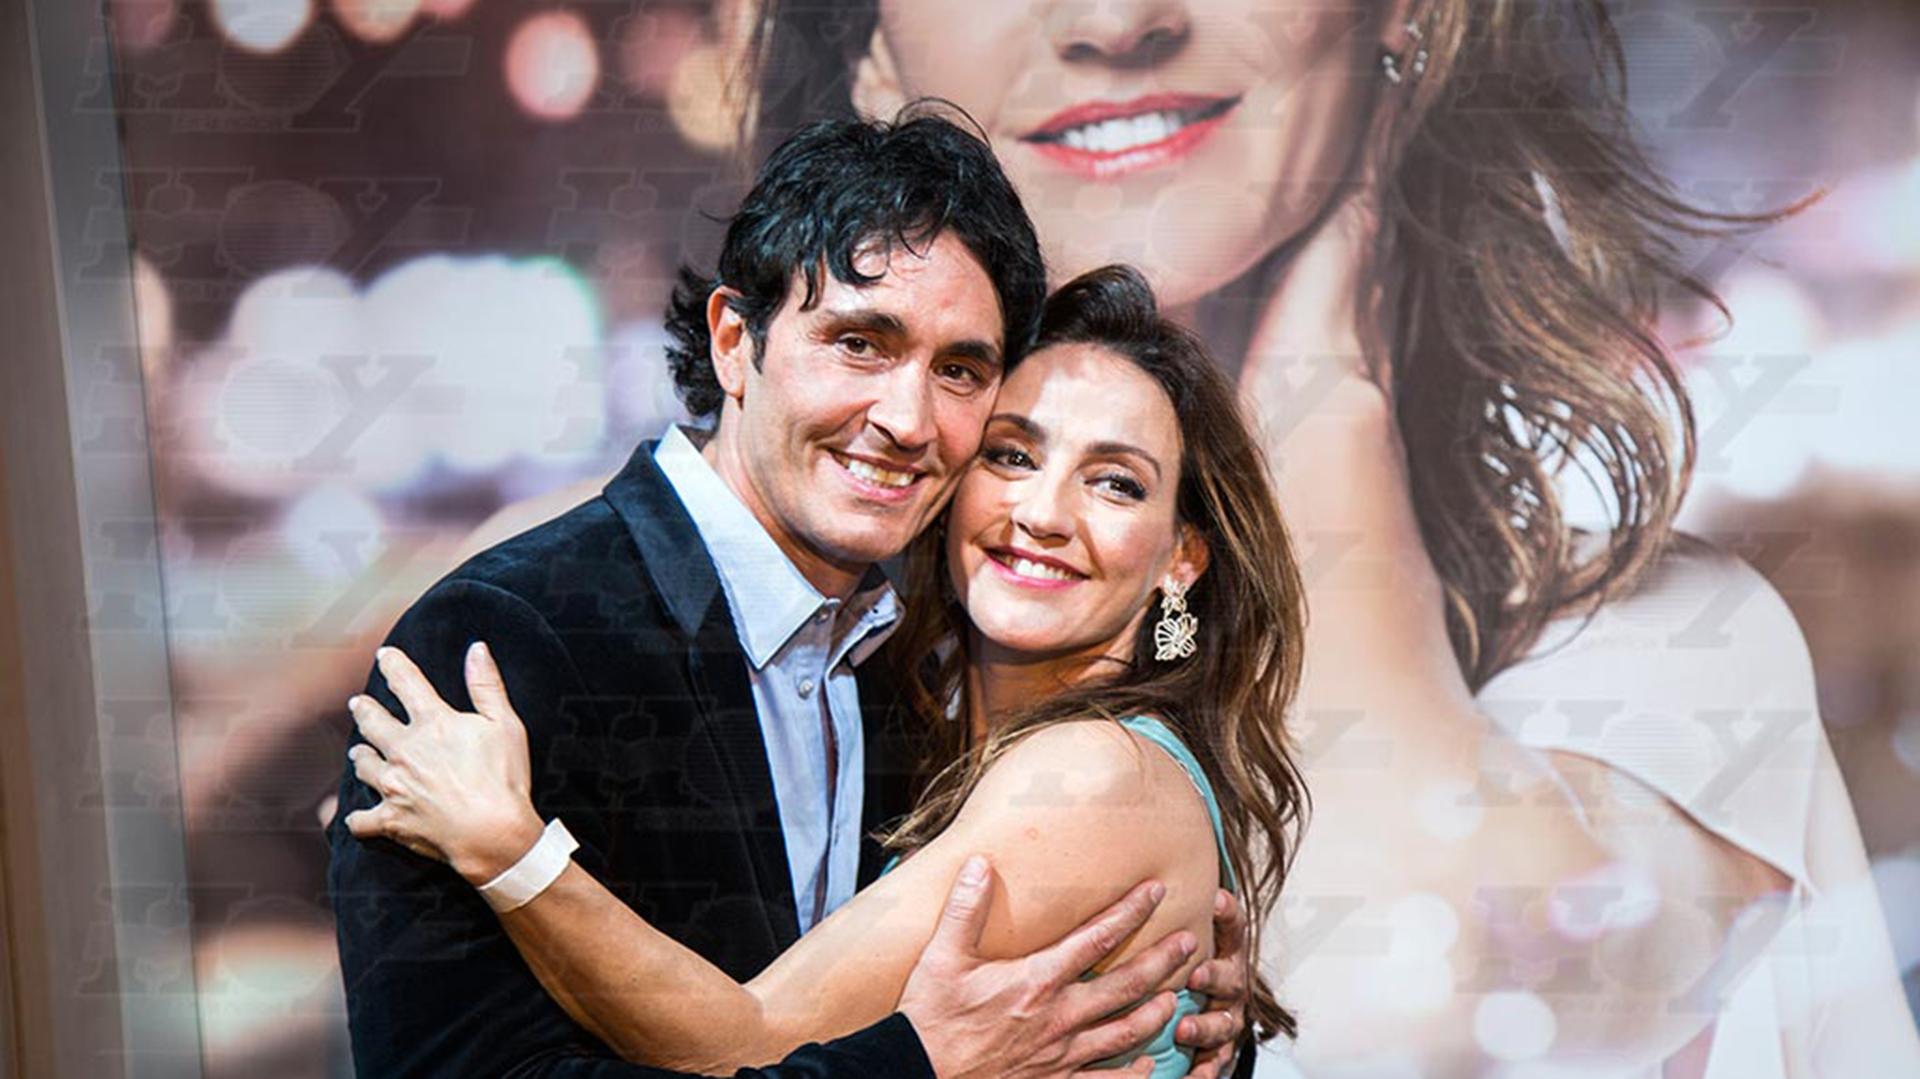 La ficción Golpe al corazón, protagonizada por Eleonora Wexler y Sebastián Estevanez, debutó con un excelente rating (16.1 puntos) por el prime time de Telefe. Es una gran apuesta del canal